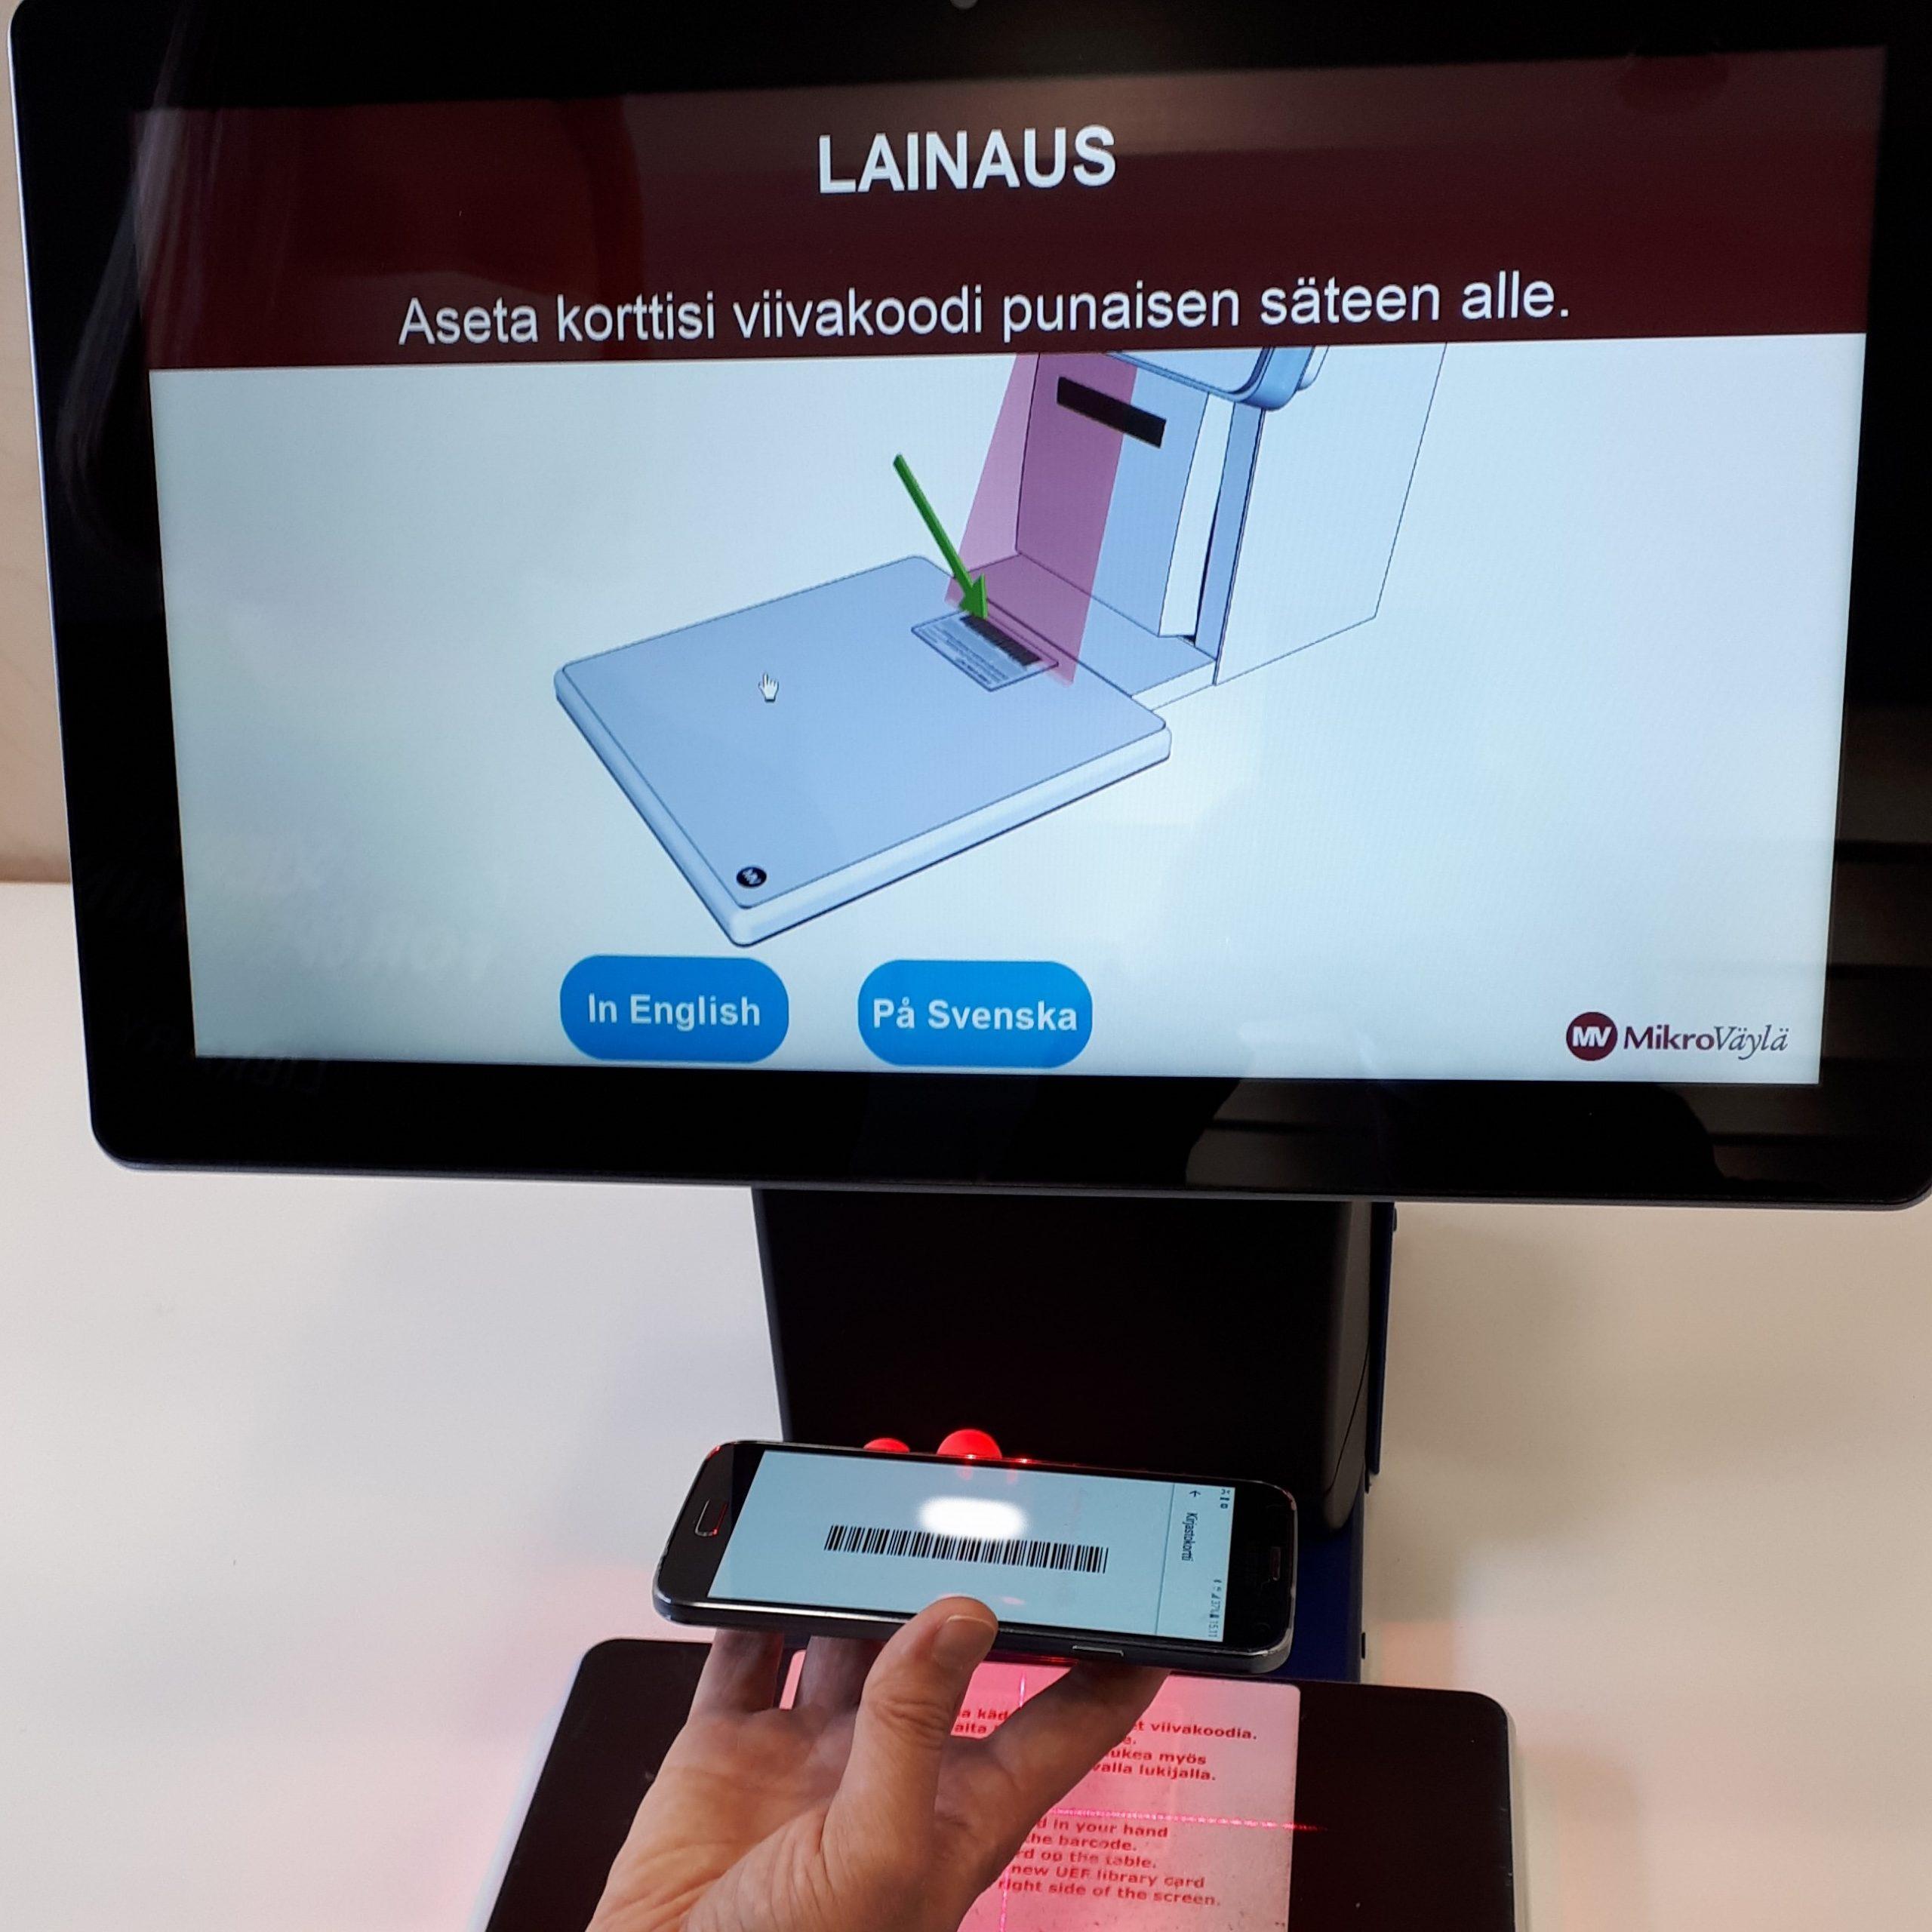 Tuudo-kirjastokortti käytössä lainausautomaatilla. Näyttö, puhelin, käsi.